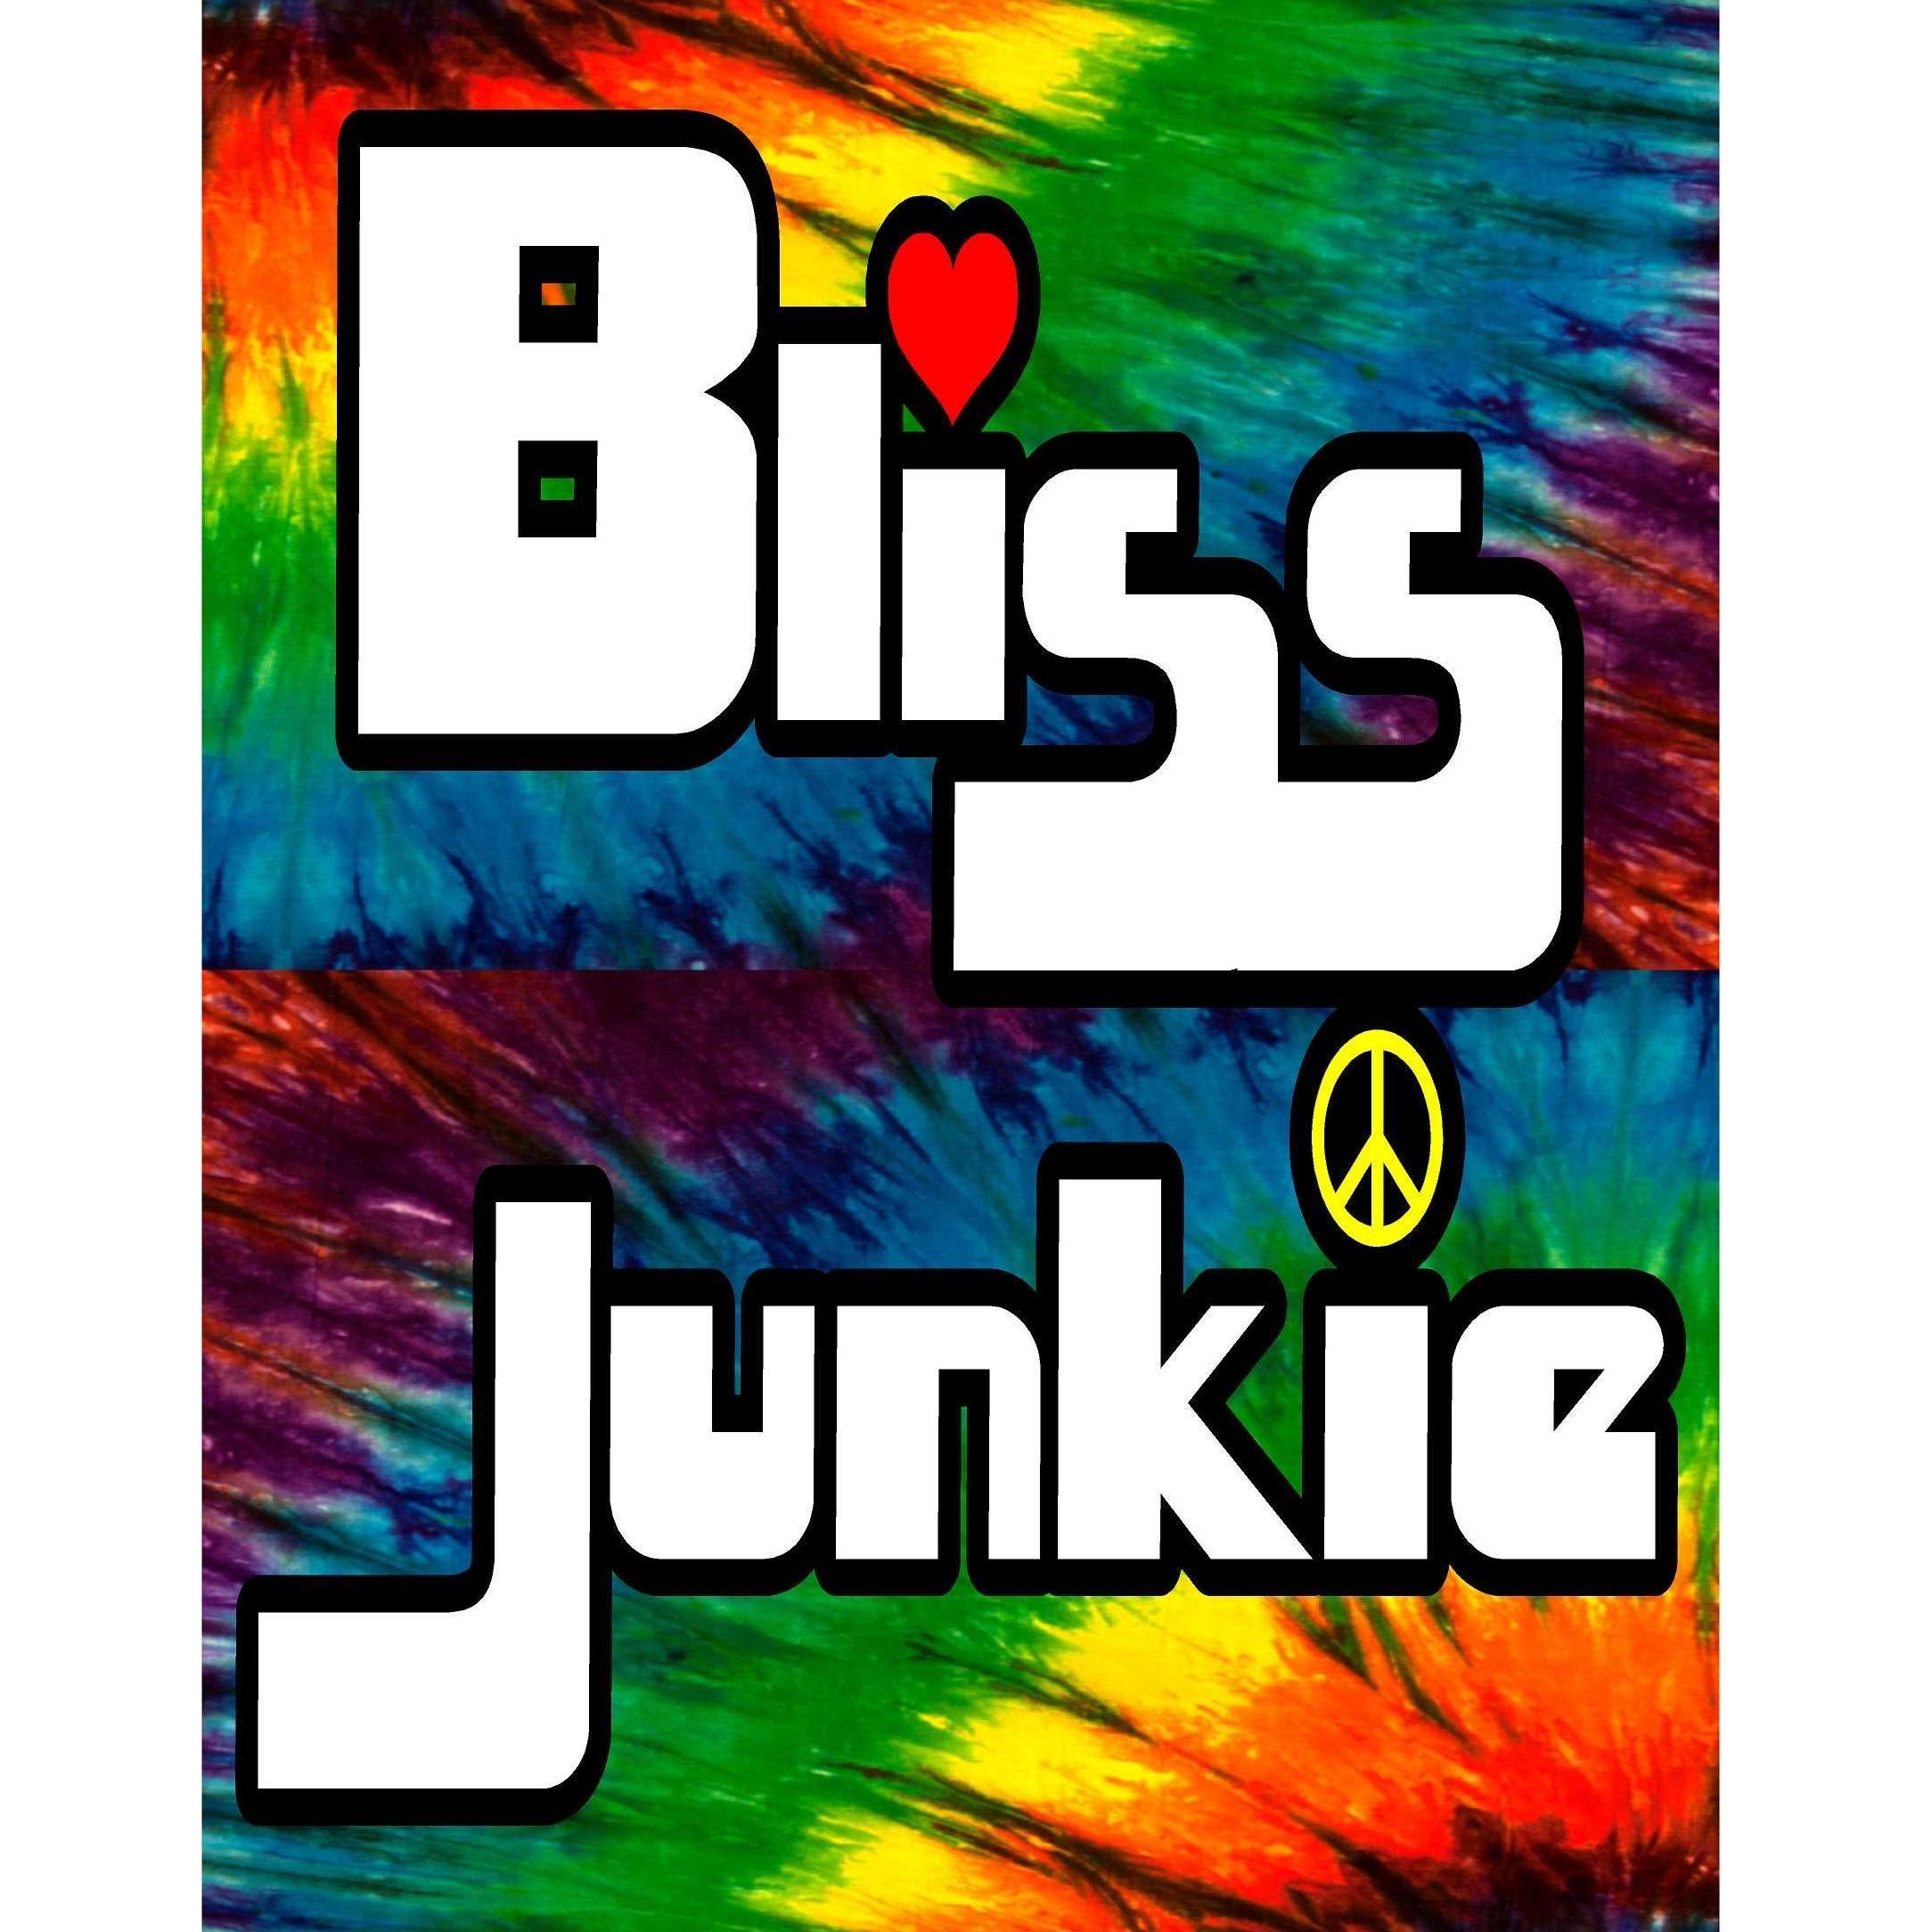 Bliss Junkie